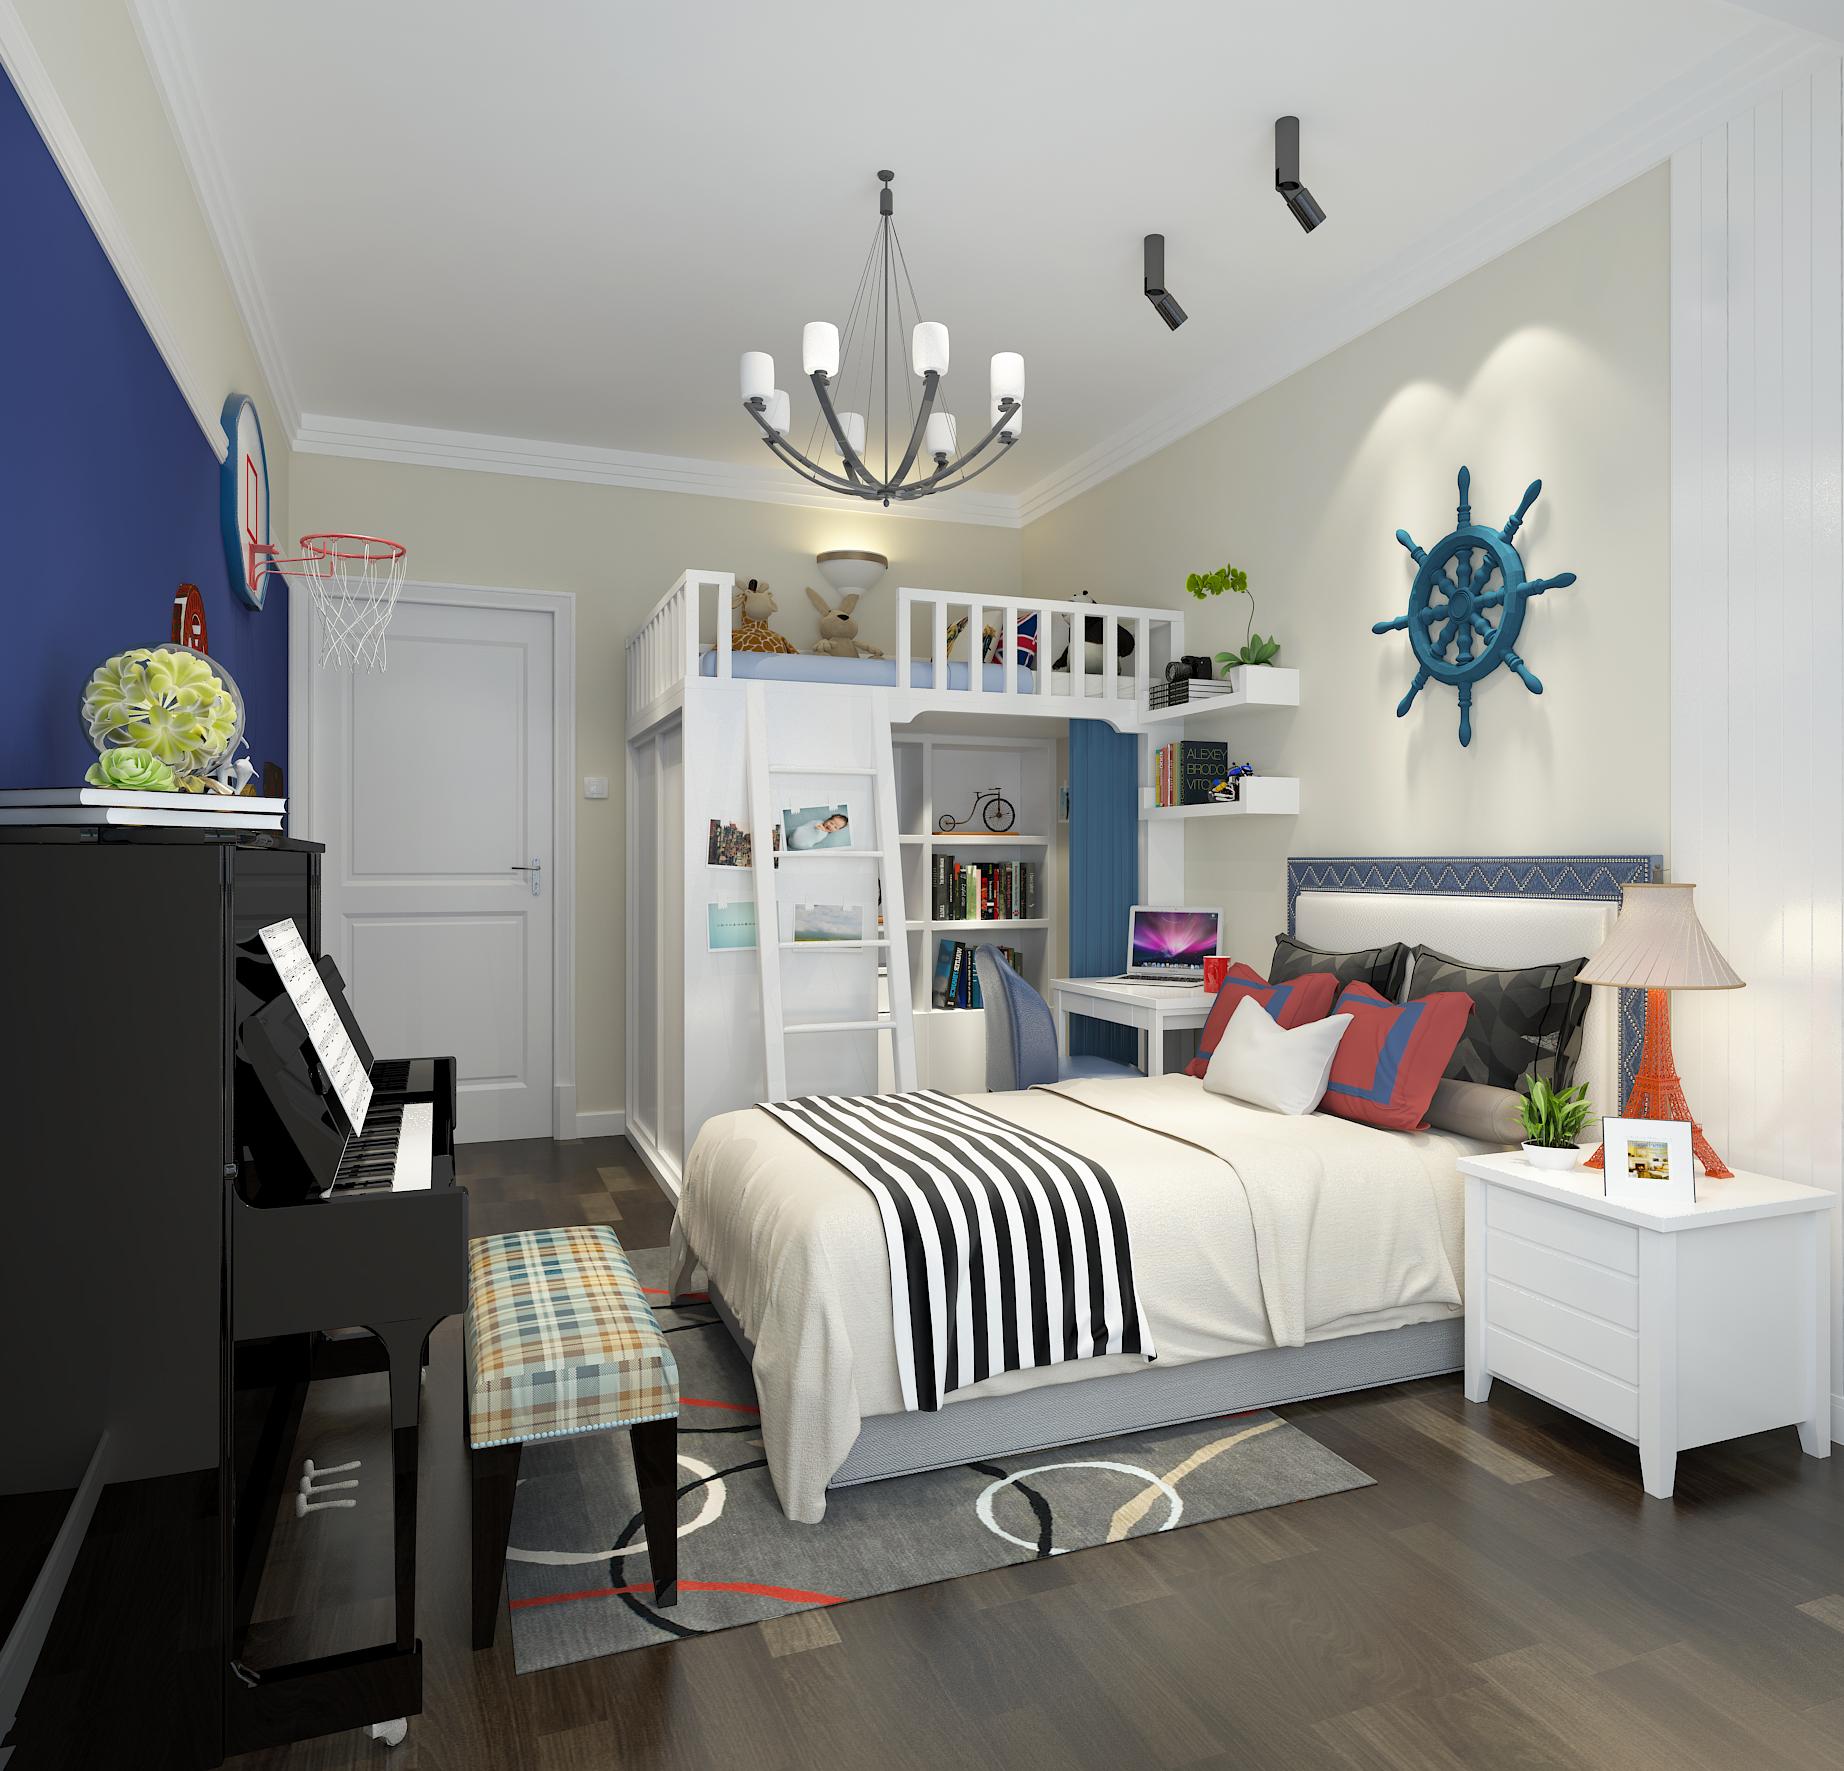 简约 混搭 田园 白领 收纳 80后 儿童房图片来自圣奇凯尚室内设计工作室在圣奇凯尚装饰-简约美式分格案例的分享